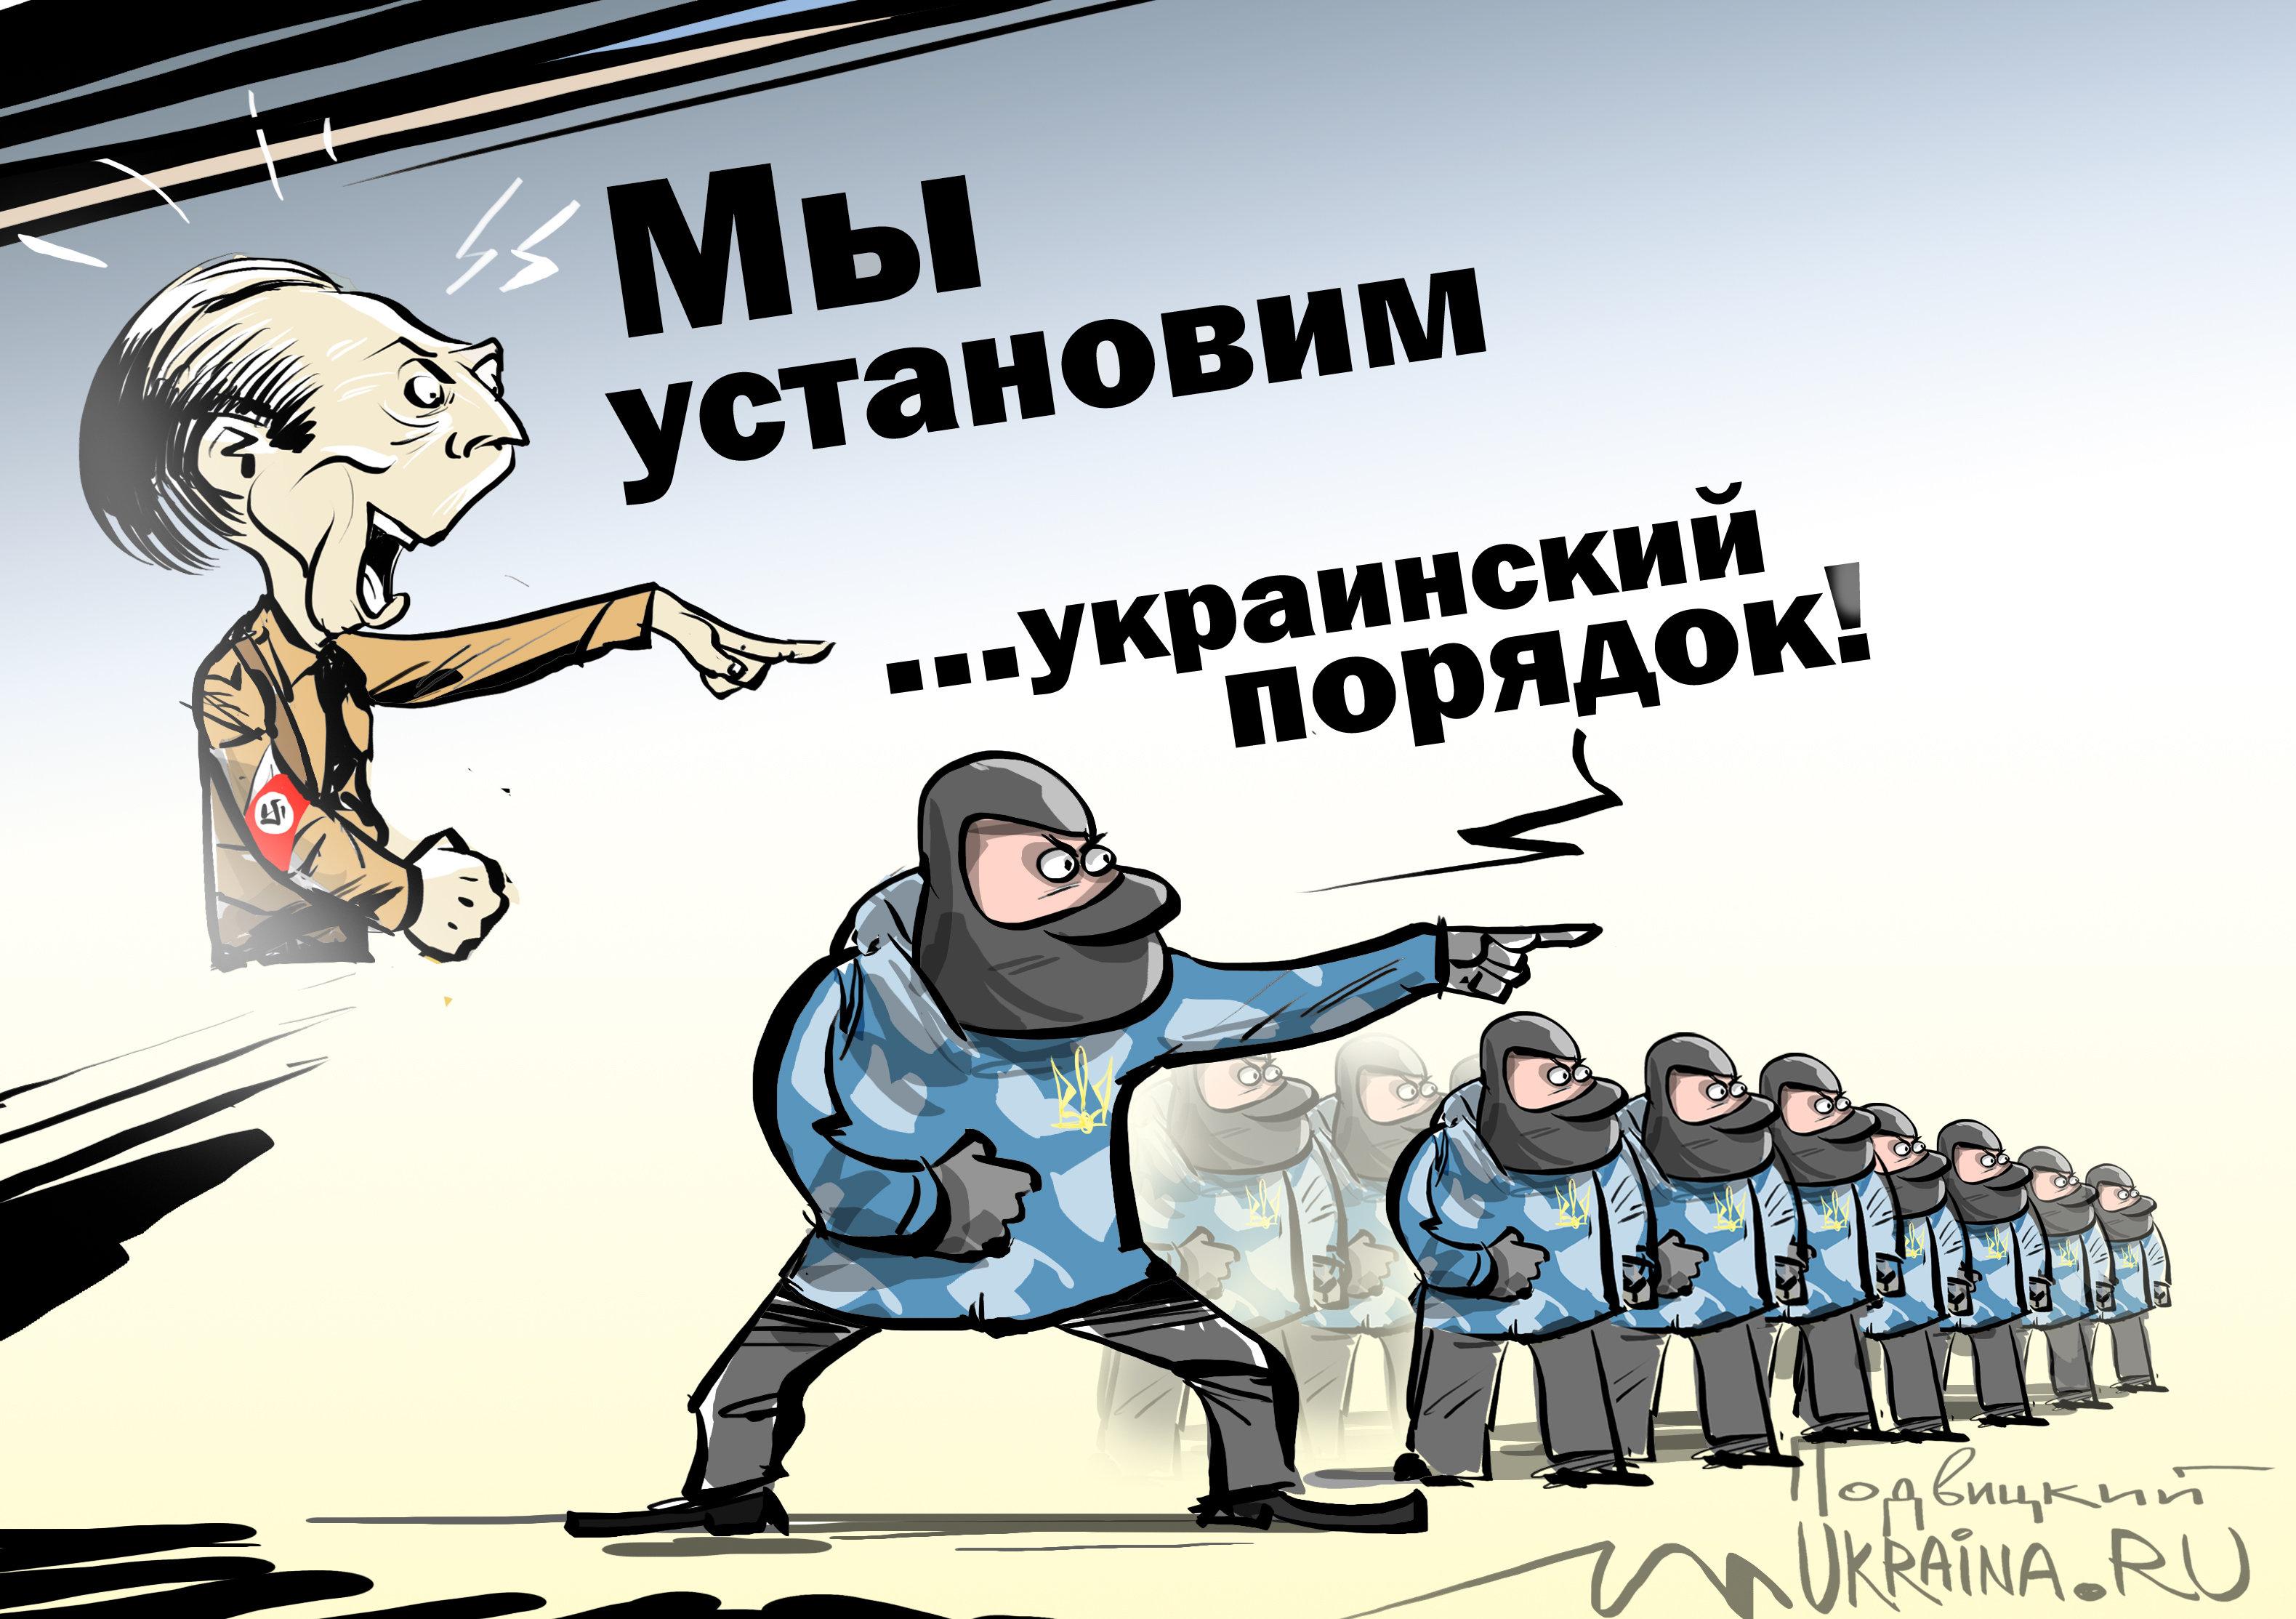 Украинские ультраправые берут улицы под контроль